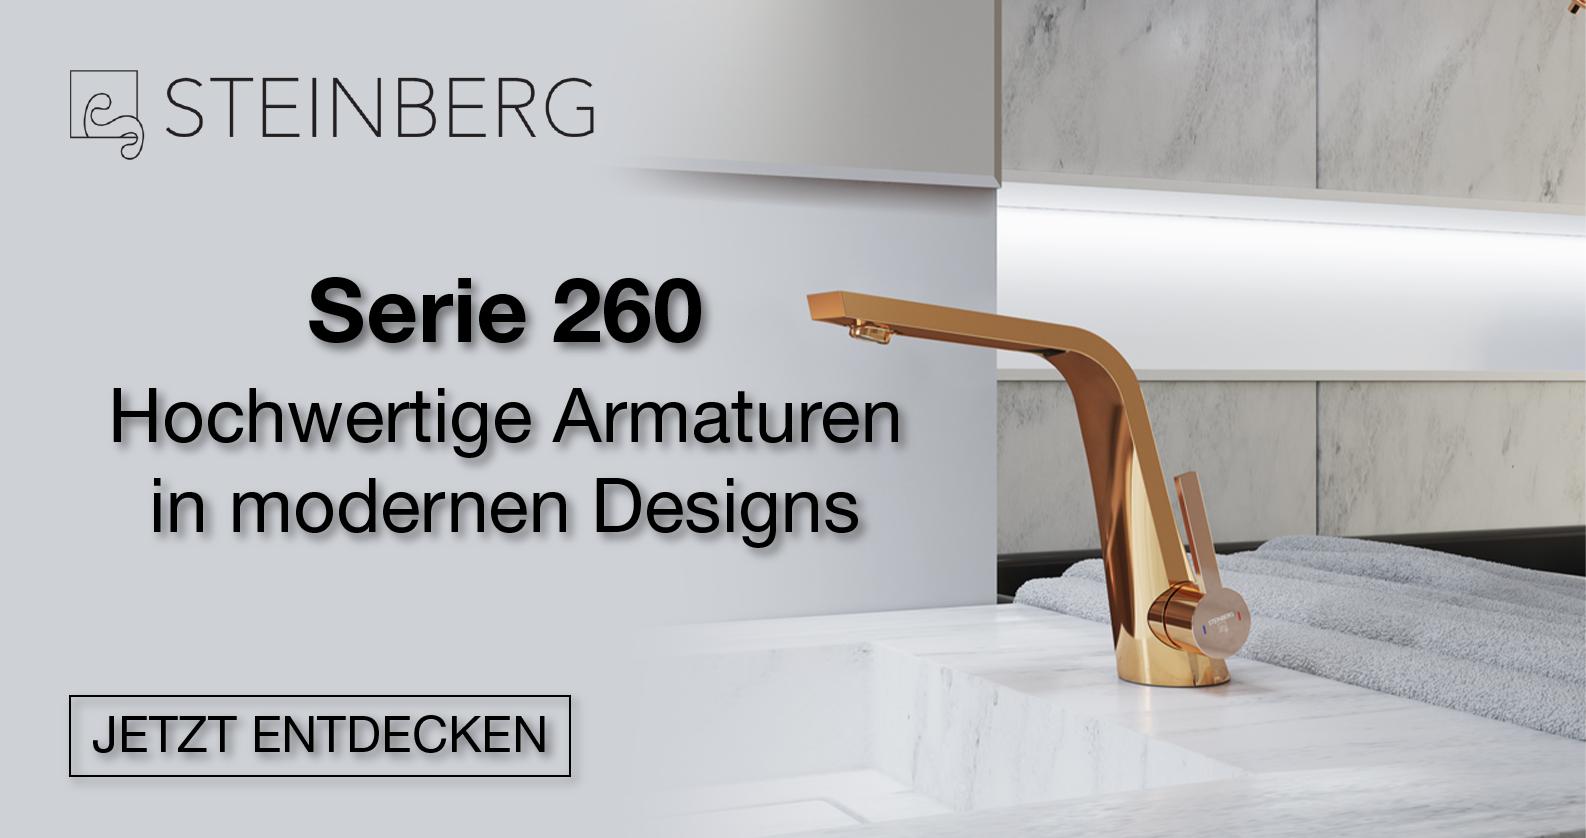 Steinberg Serie 260 bei xTWOstore